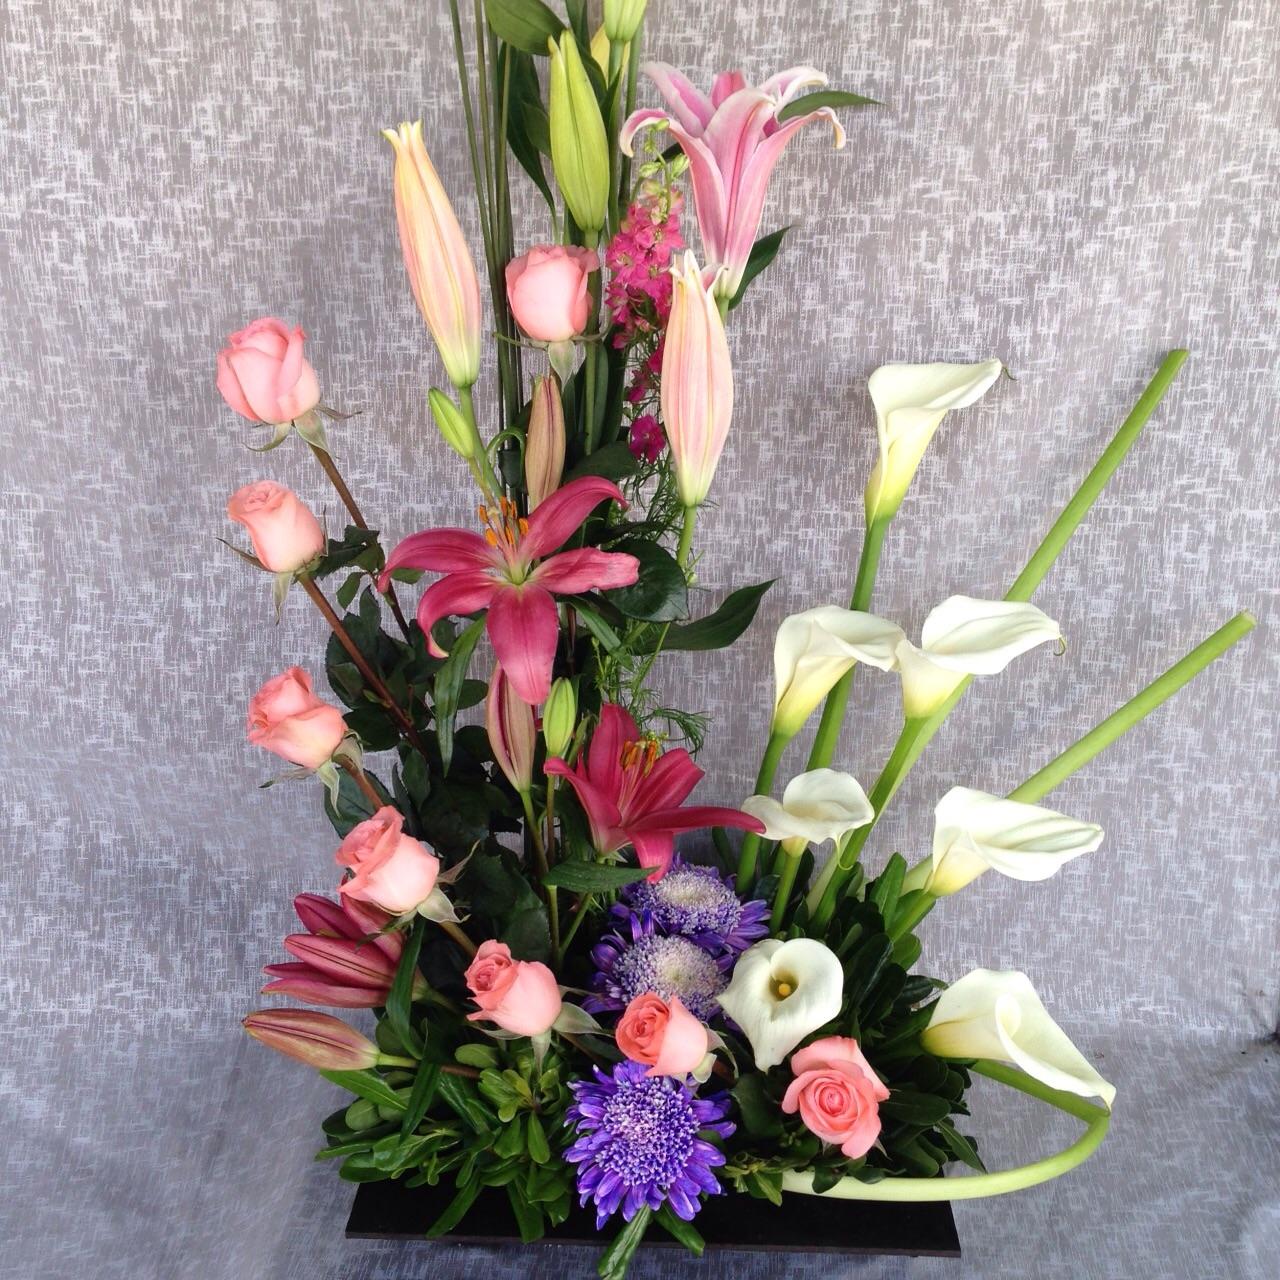 Arreglo de rosas y alcatraz c1 envia flores y regalos for Arreglos de rosas sencillos